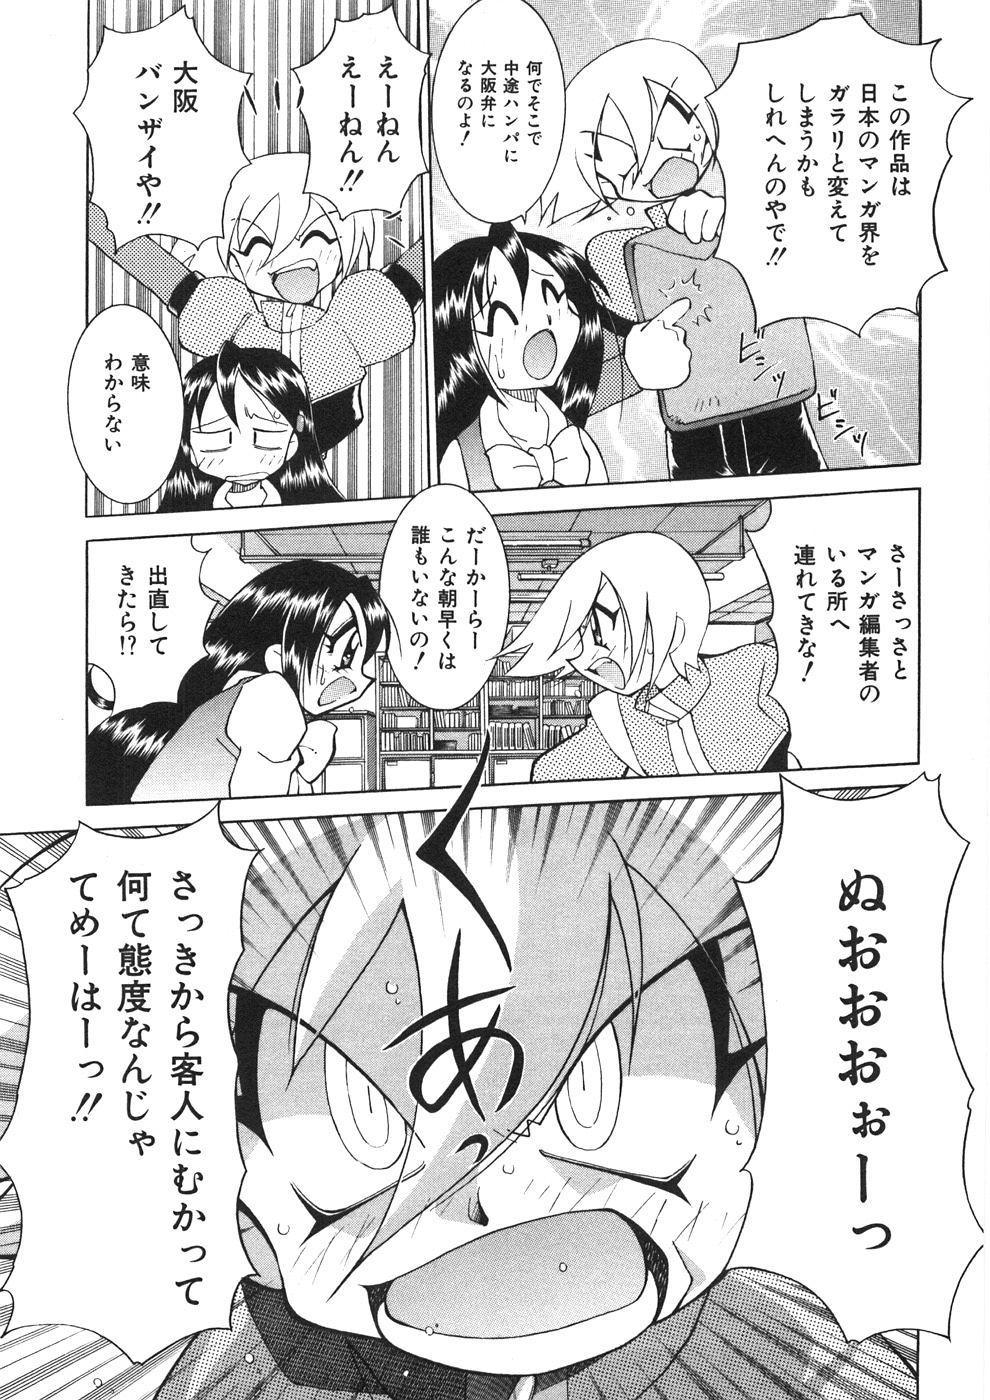 Chichichichi Banban 13